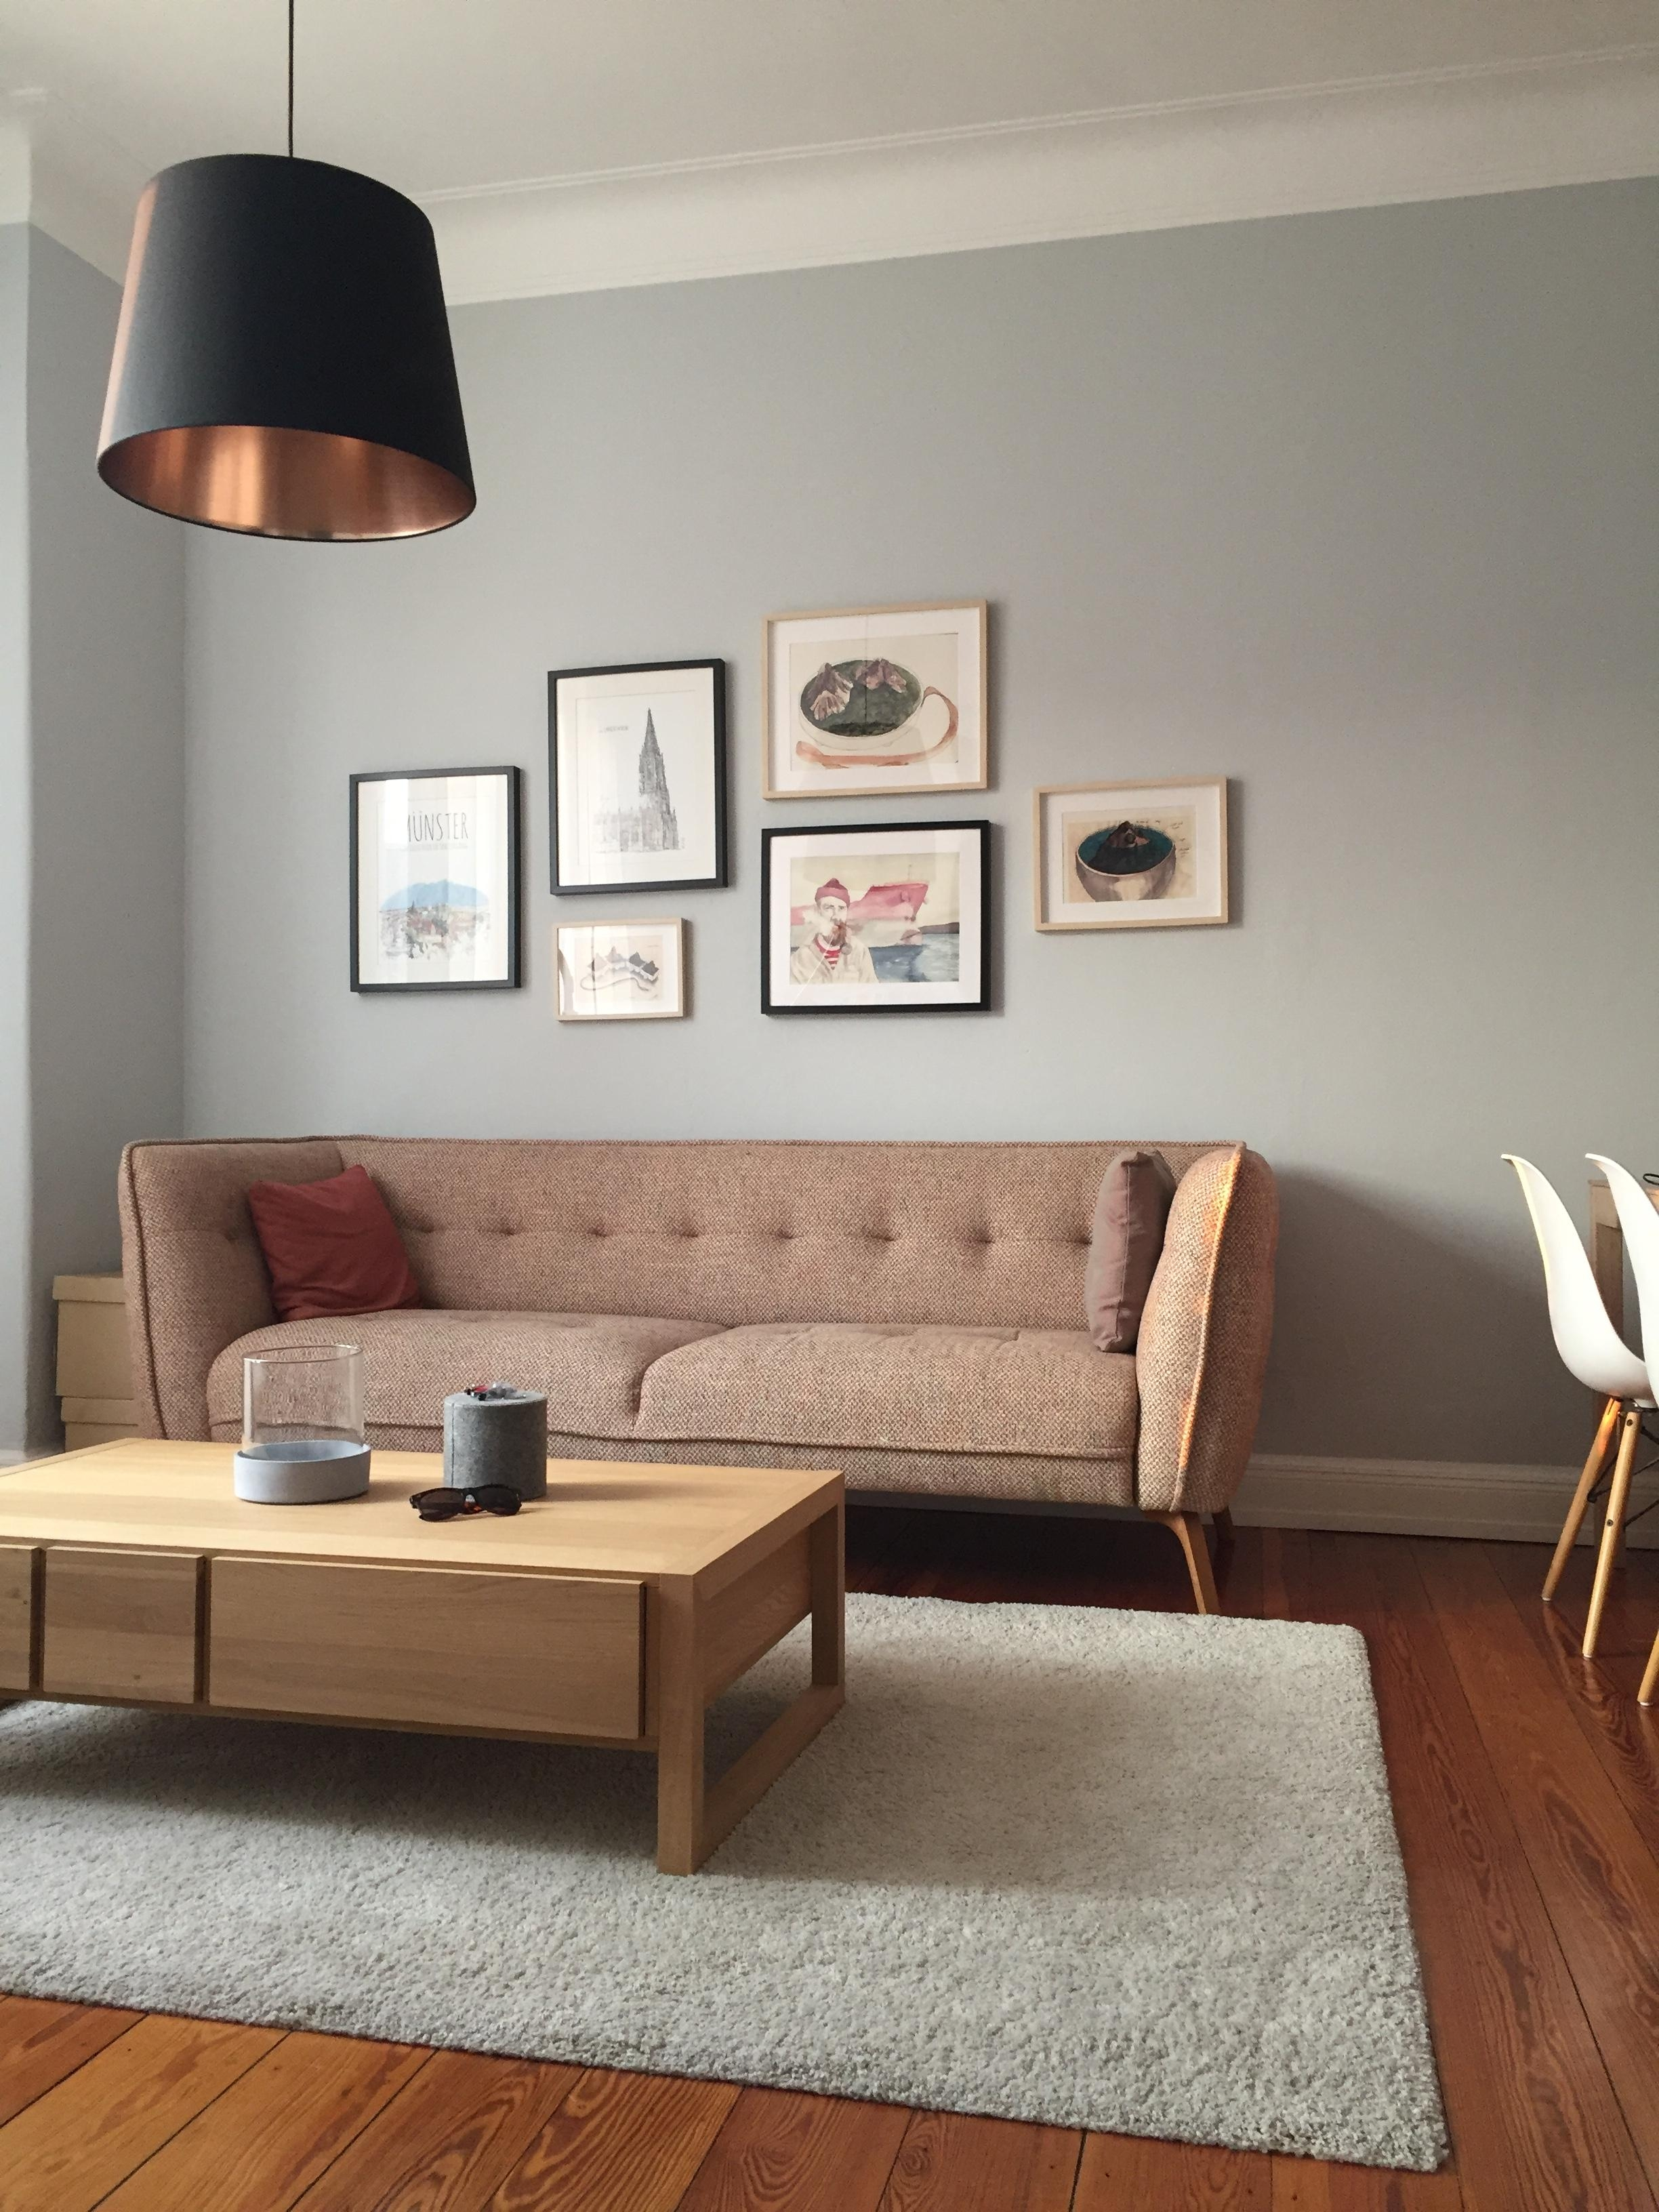 Attraktiv Neue Farbe// #farbgestaltung #wohnzimmer #couch #art #altbau #hamburg